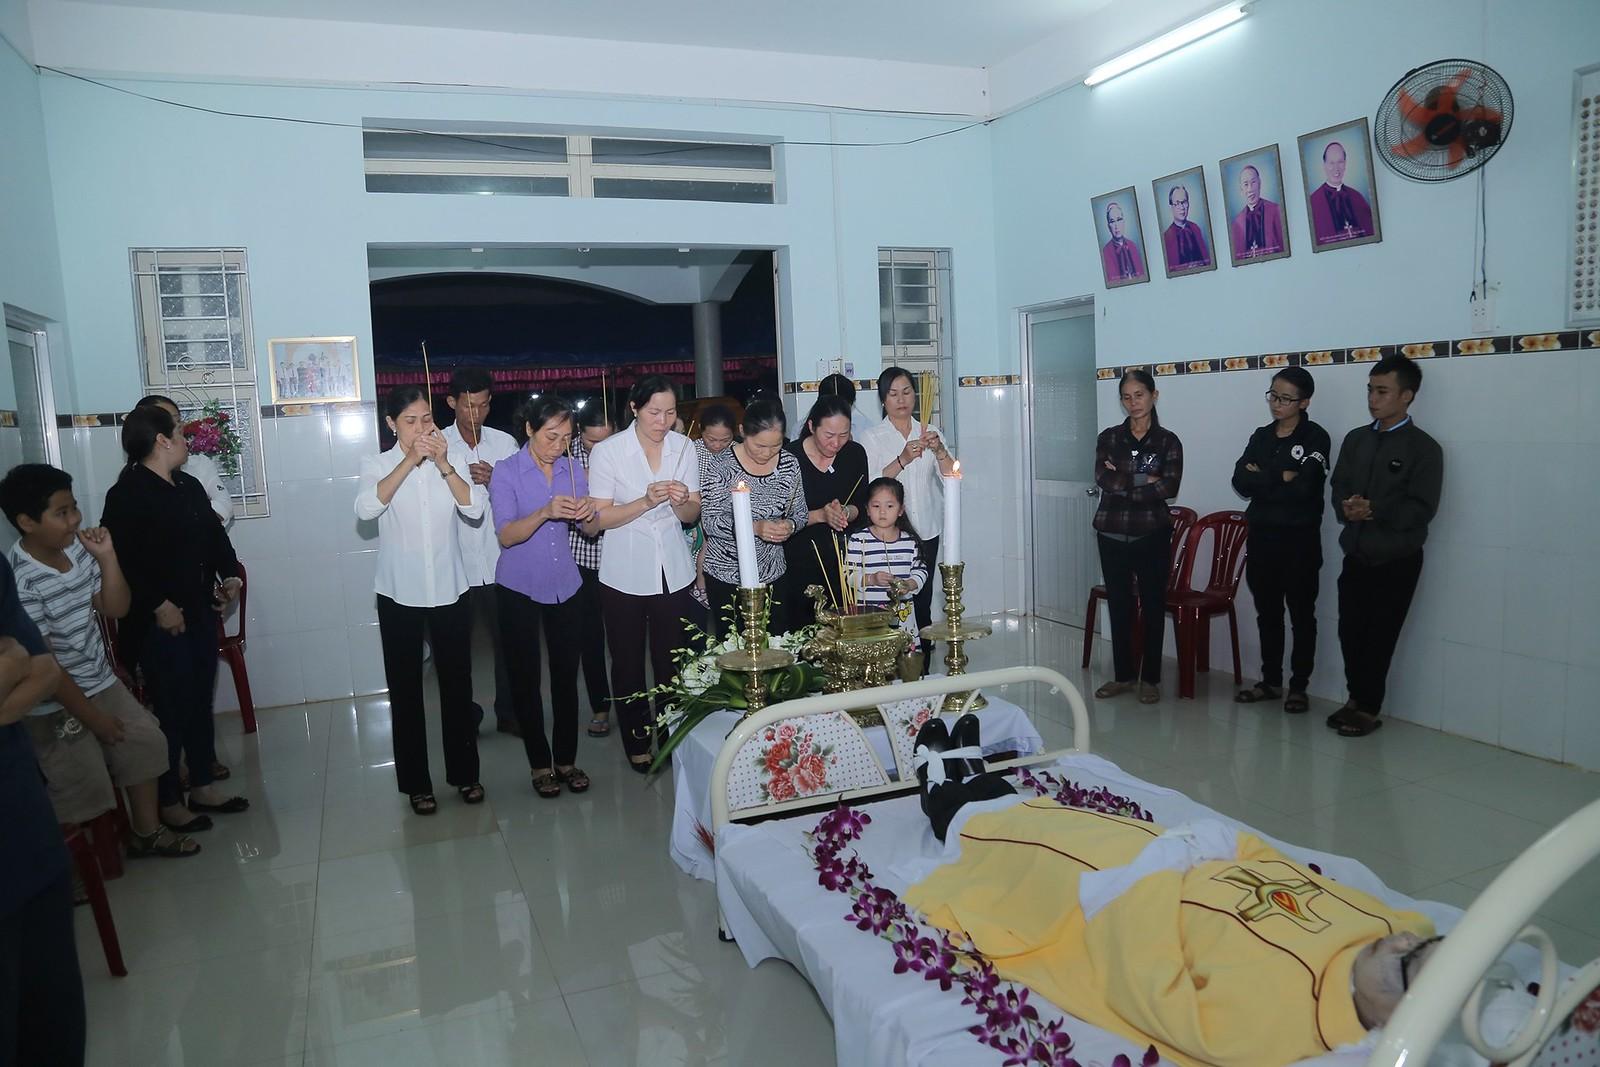 Cầu nguyện cho linh hồn Cha Giuse Đặng Đình An, Cha qua đời vì tai nạn giao thông - Ảnh minh hoạ 6